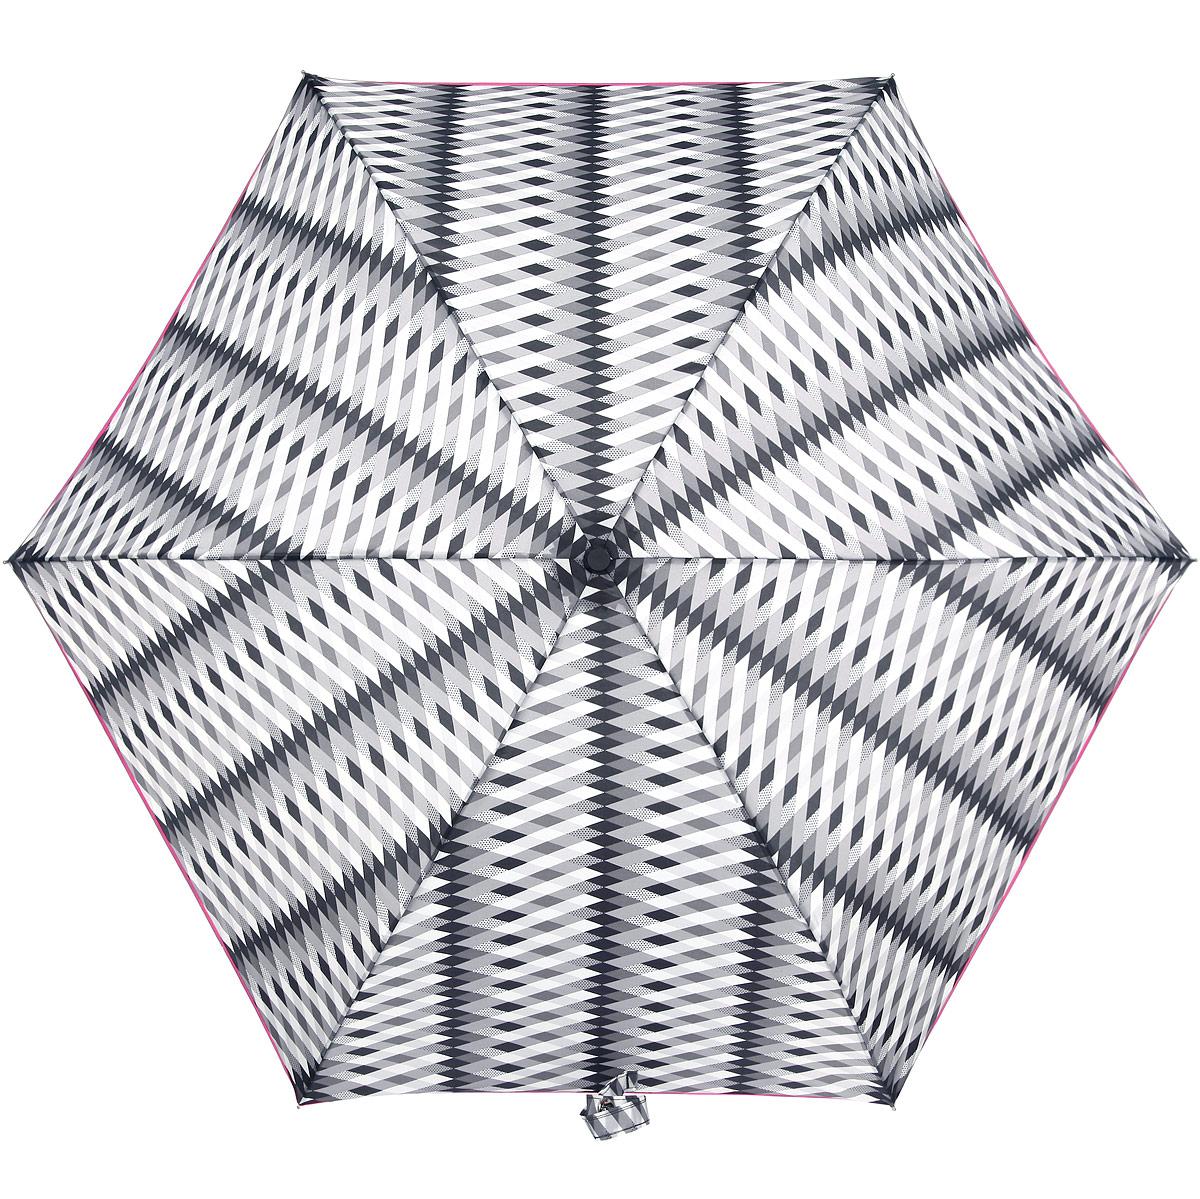 Зонт женский Fulton Lulu Guinness Superslim. Monochrome Milan, механический, 3 сложения, цвет: белый, розовый, серый, черный. L718-2958L718-2958Очаровательный механический зонтик Lulu Guinness Superslim. Monochrome Milan в 3 сложения изготовлен из высокопрочных материалов. Каркас зонта состоит из 6 спиц и прочного алюминиевого стержня. Купол зонта выполнен из прочного полиэстера с водоотталкивающей пропиткой и оформлен принтом в виде ромбиков. Рукоятка изготовлена из пластика. Зонт имеет механический механизм сложения: купол открывается и закрывается вручную до характерного щелчка. Модель закрывается при помощи хлястика на кнопку. К зонту прилагается чехол на липучке. Прелестный зонт не только выручит вас в ненастную погоду, но и станет стильным аксессуаром, прекрасно дополнит ваш модный образ.